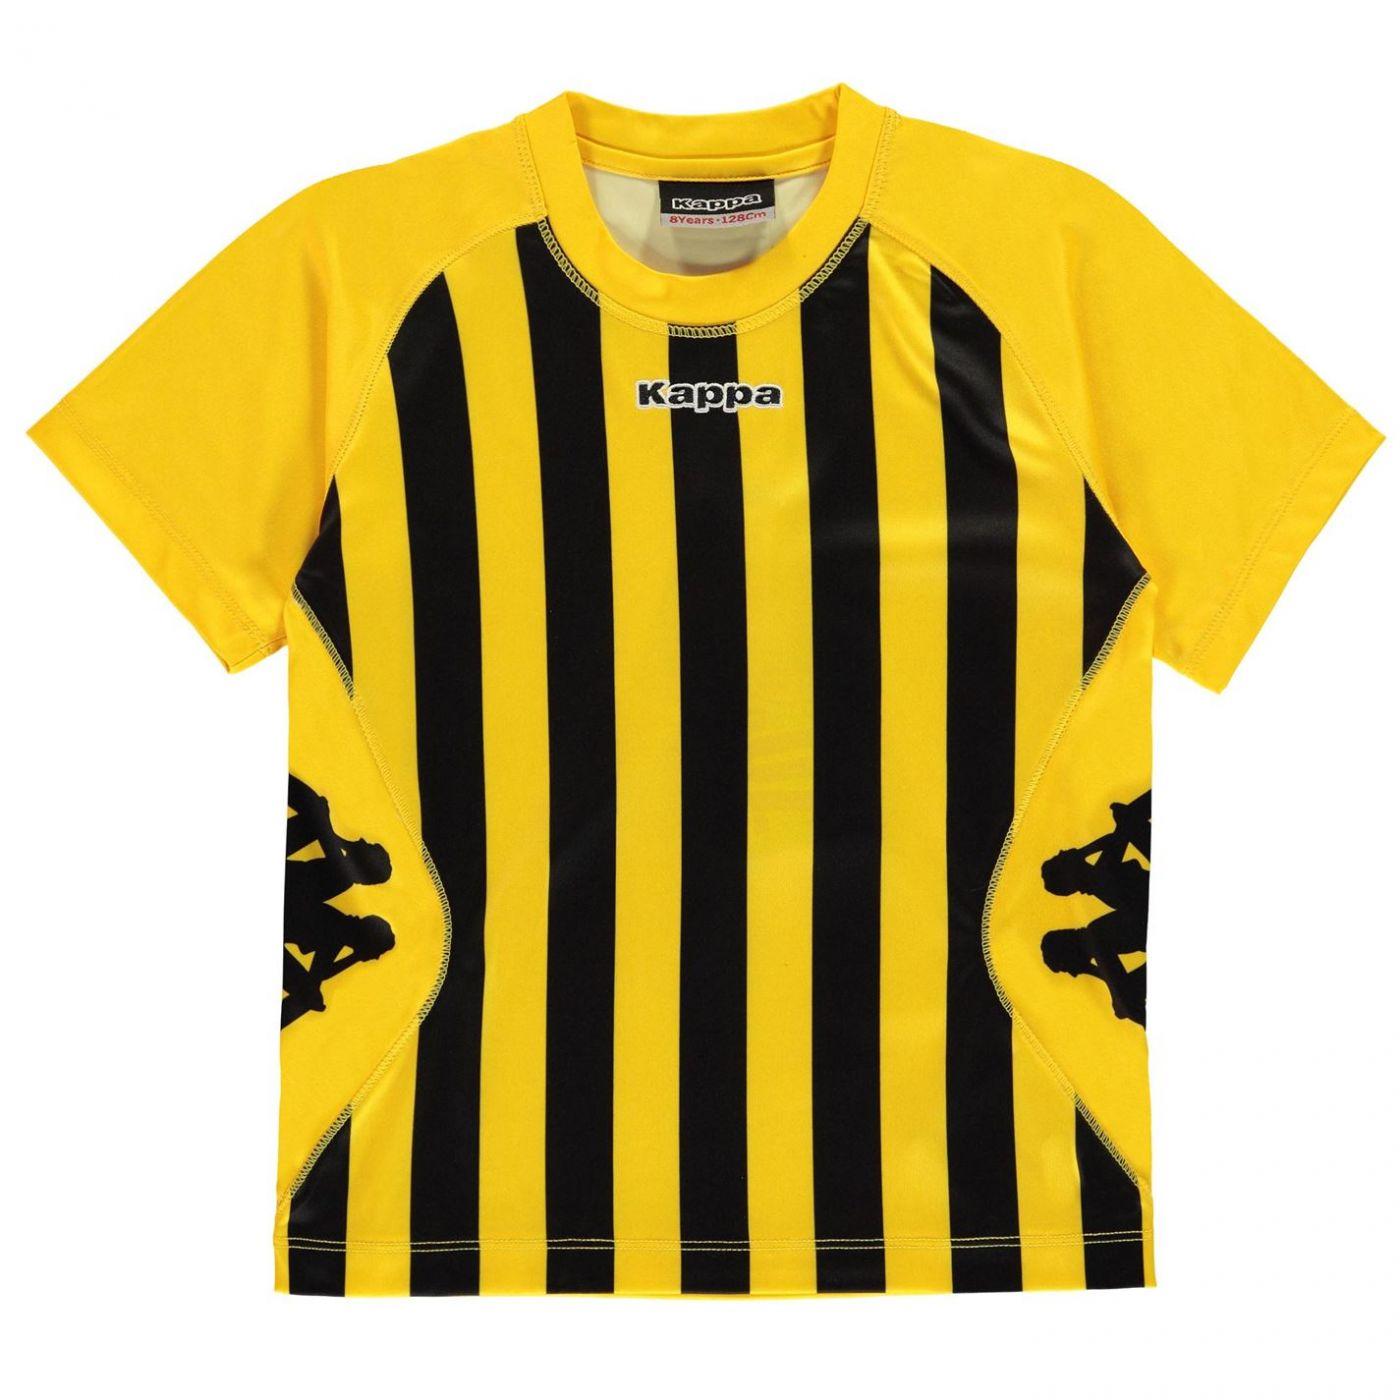 bda3992b1b628 Kappa Barletta Short Sleeve T Shirt Junior Boys - FACTCOOL